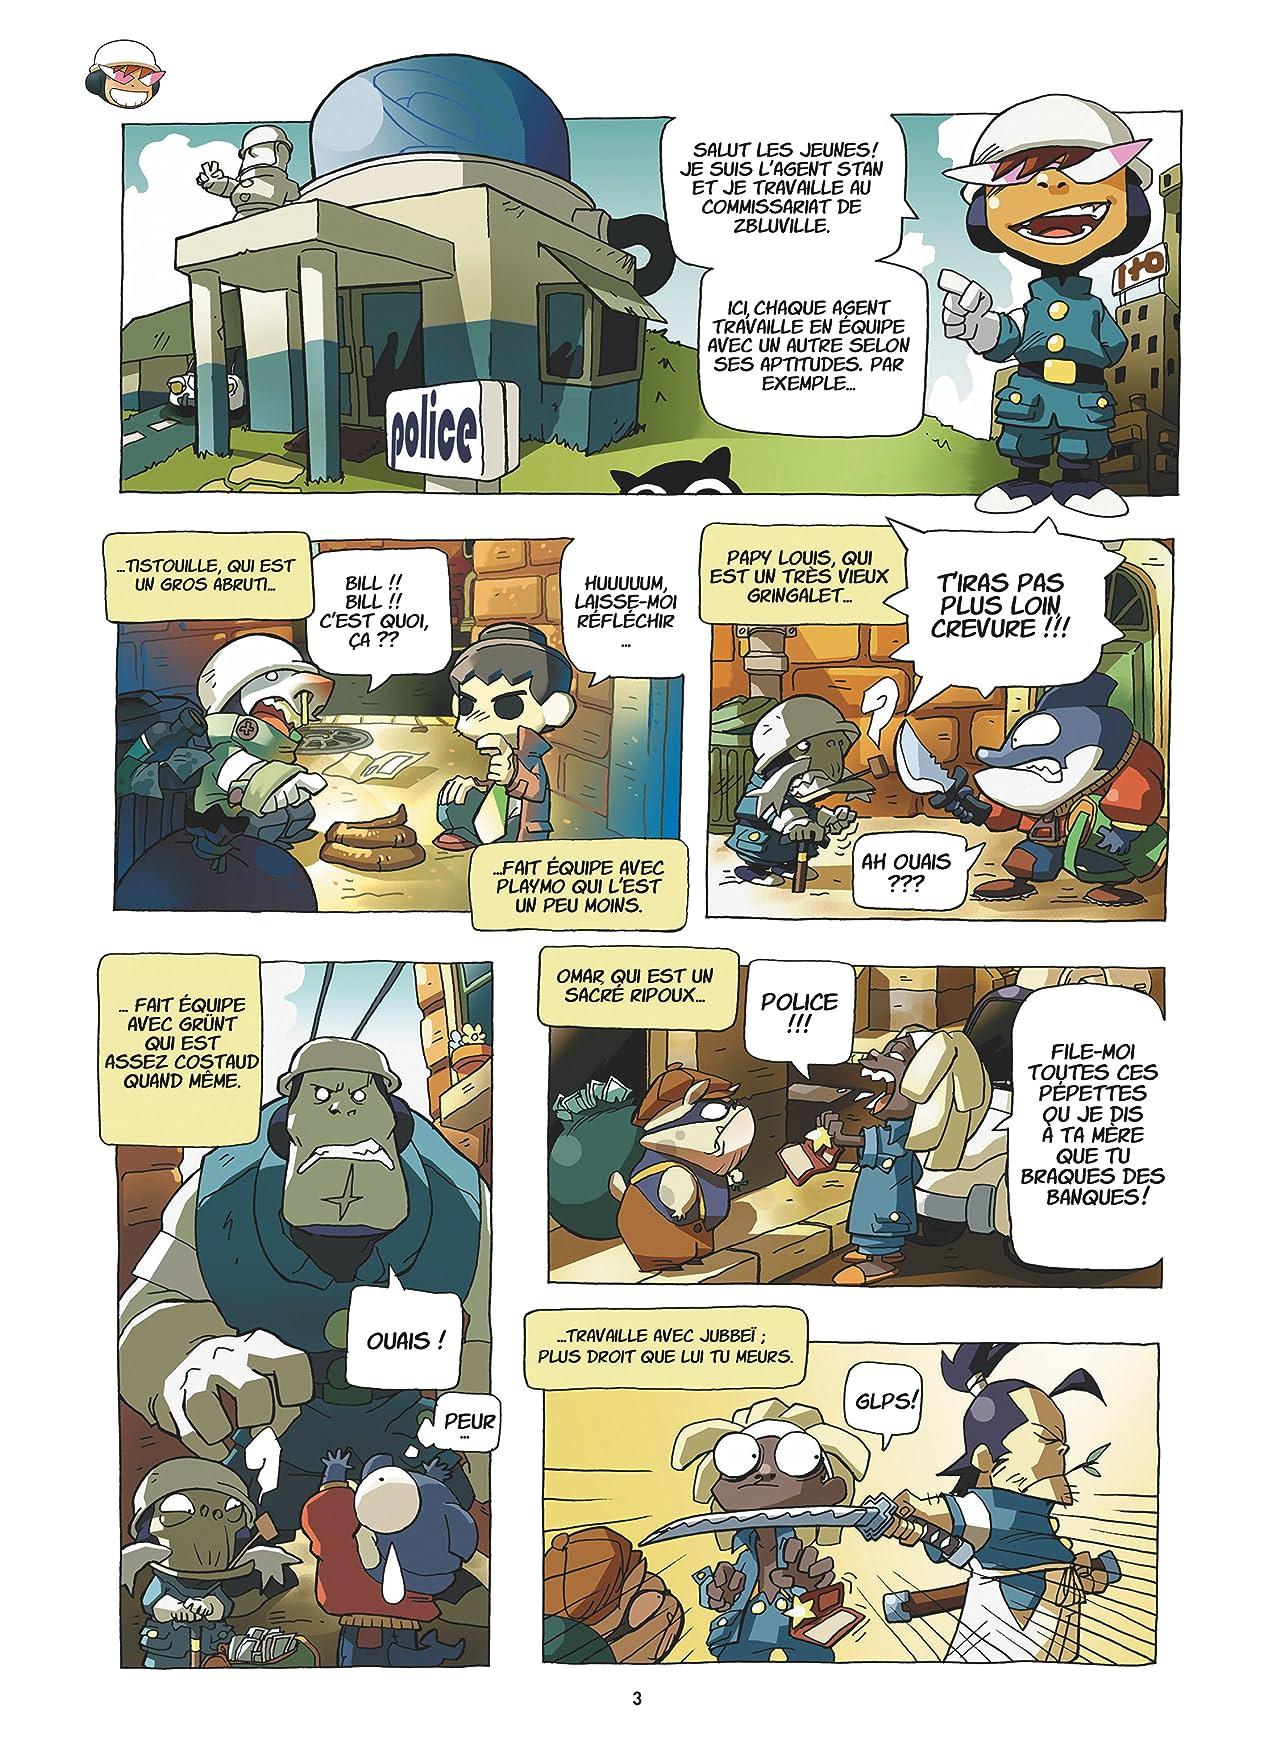 Zblucops Vol. 1: Mystères et crottes de nez